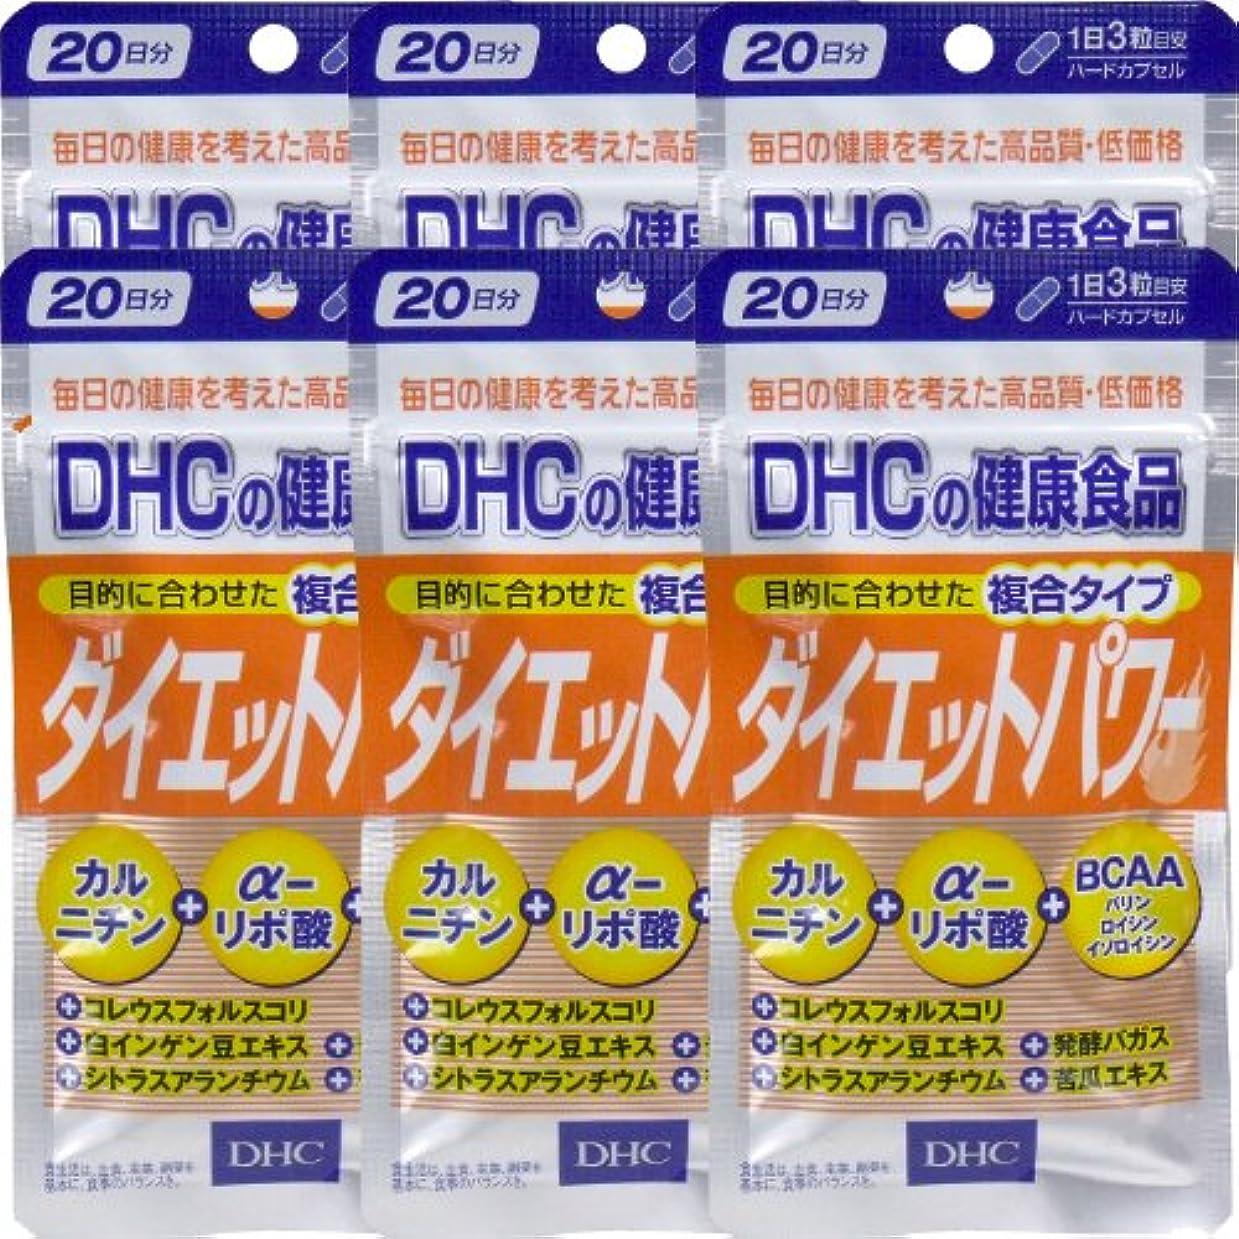 DHC ダイエットパワー 20日分(60粒) ×6個